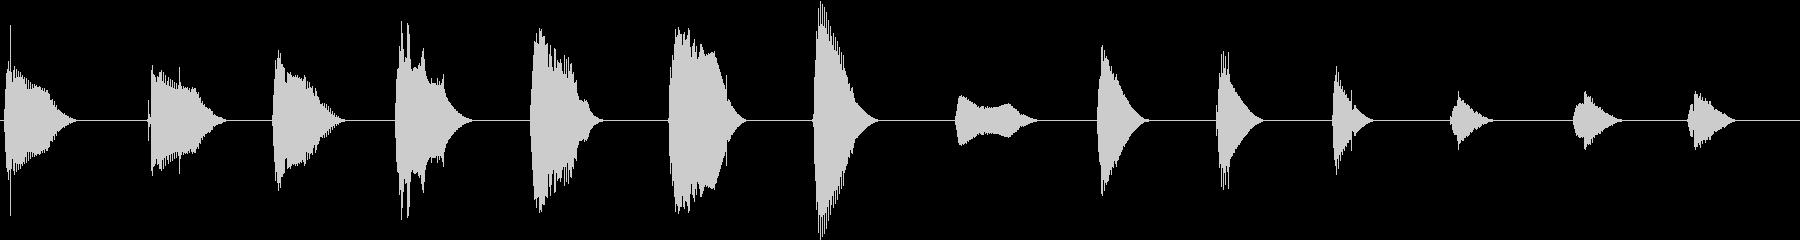 トーンベースサスペンスの未再生の波形